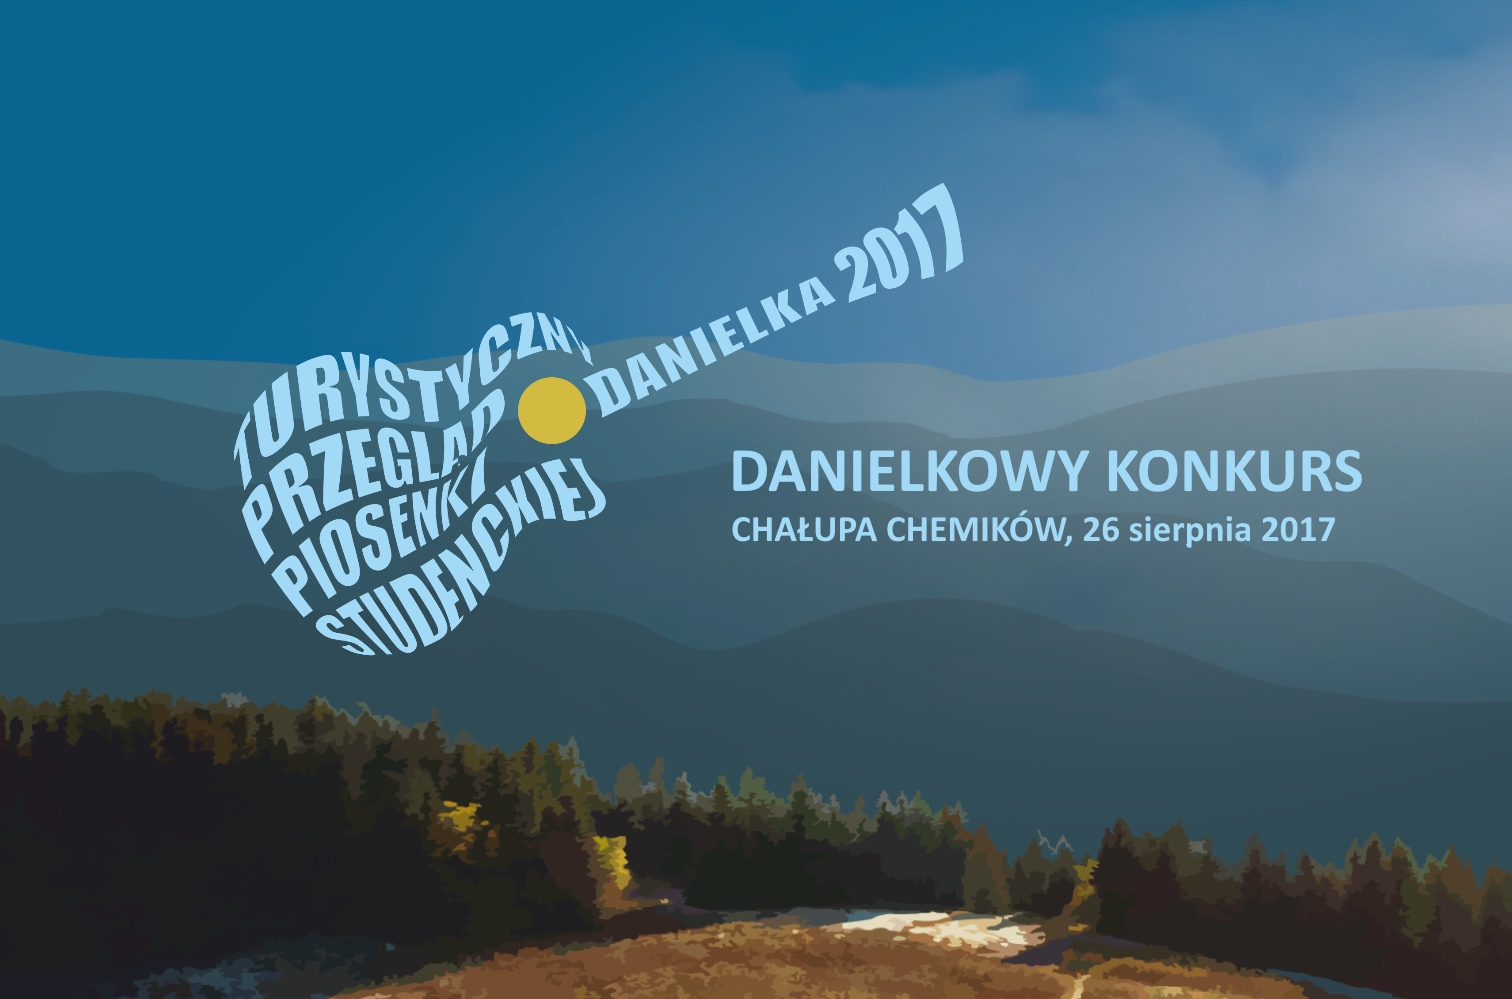 Lista wykonawców zakwalifikowanych do Danielkowego Konkursu 2017